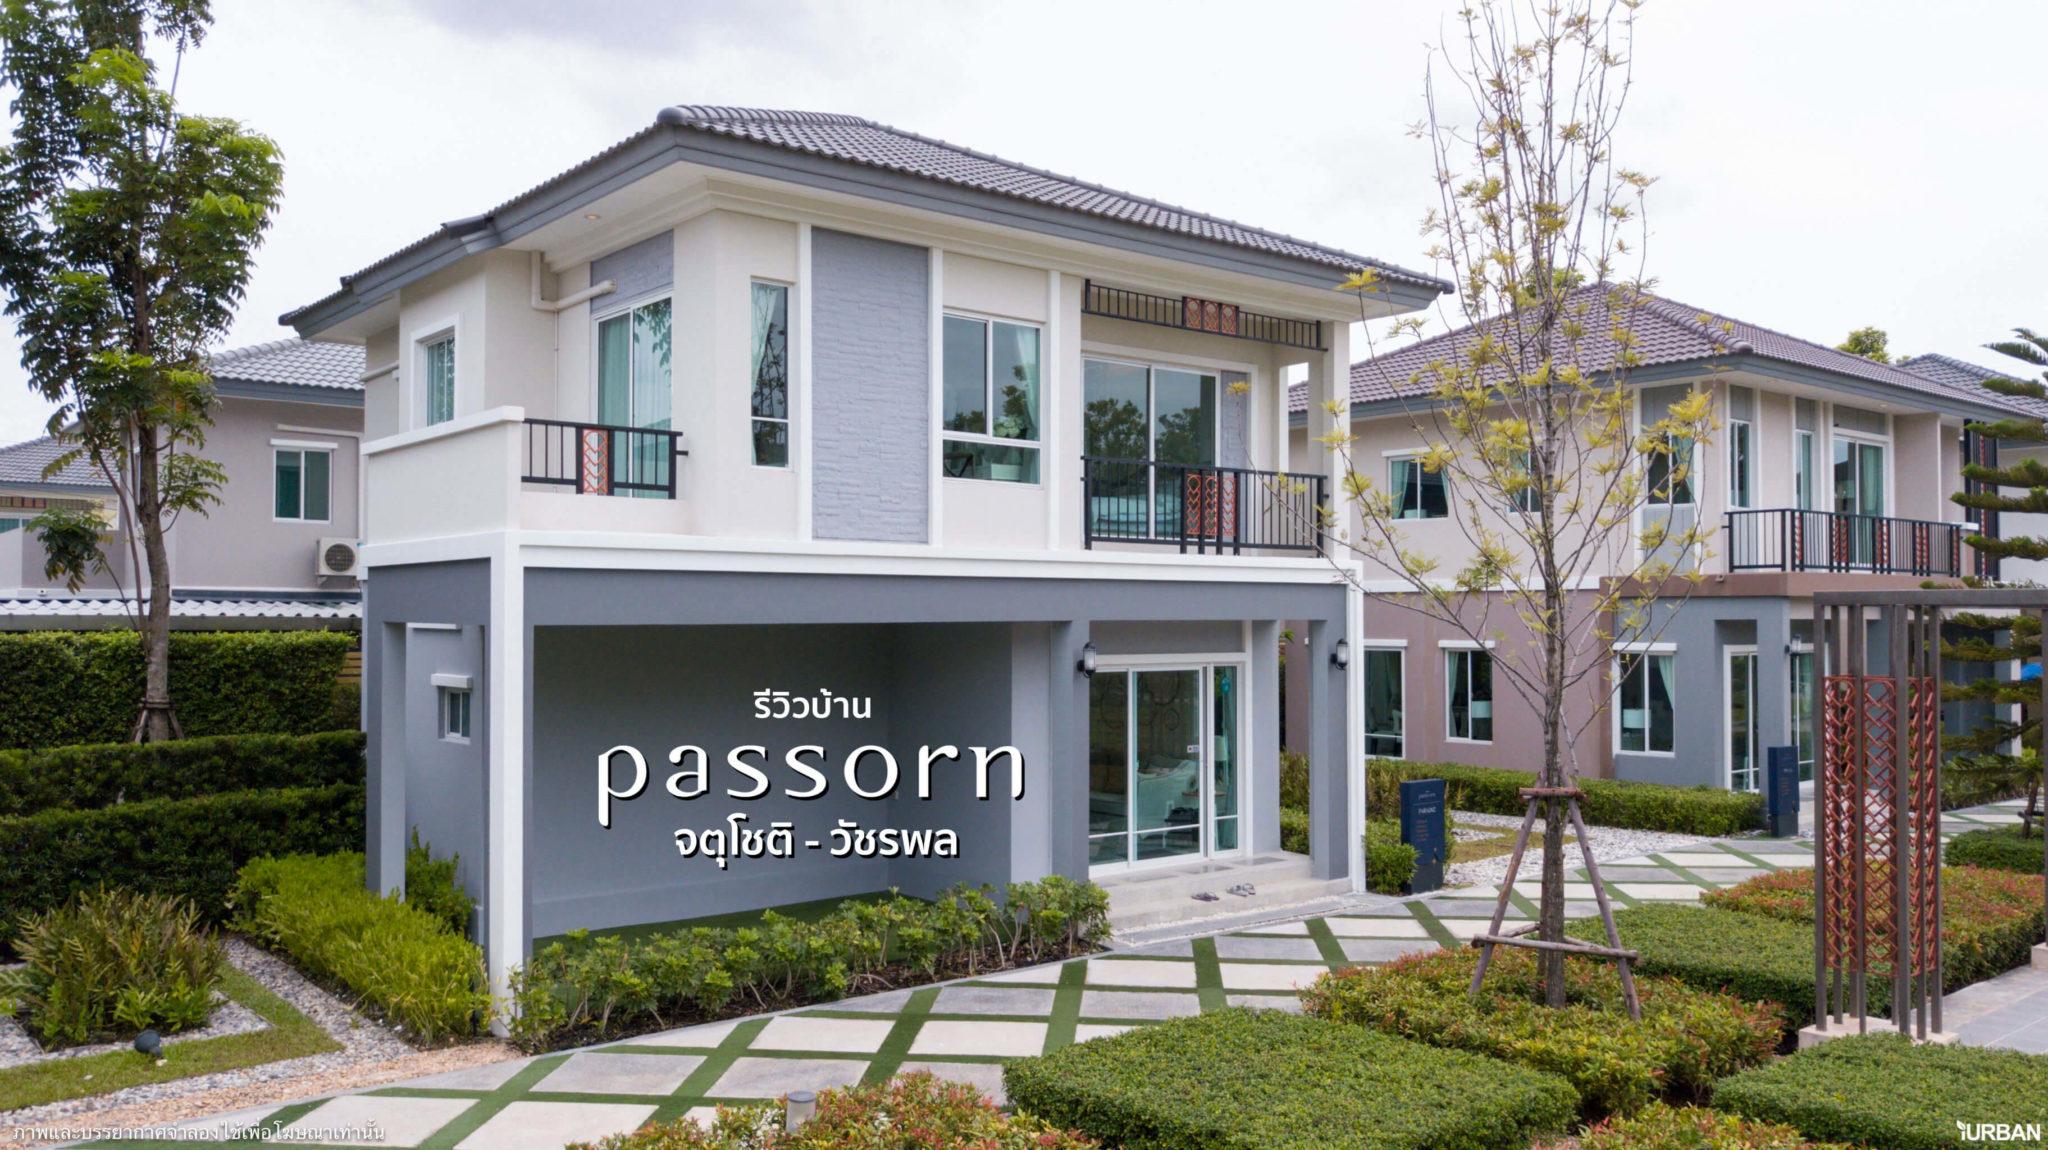 รีวิวบ้าน Passorn Prestige จตุโชติ-วัชรพล บ้านเดี่ยวดีไซน์ Art Nouveau ผสมความ Modern Classic เริ่ม 4.49 ล้าน 13 - house